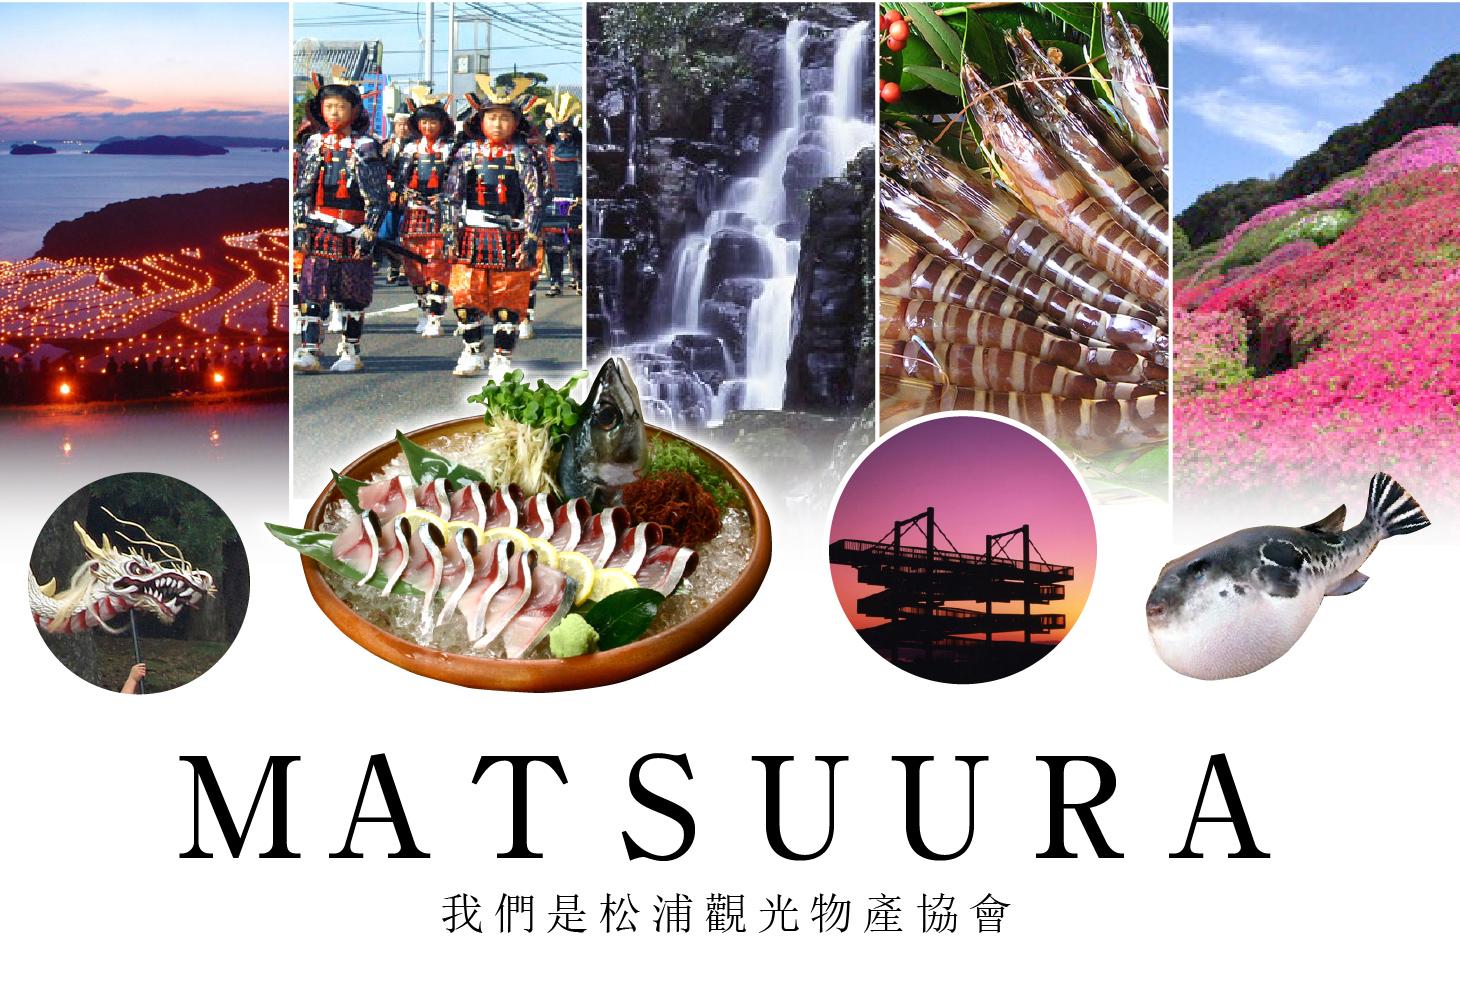 我們是松浦觀光物產協會。